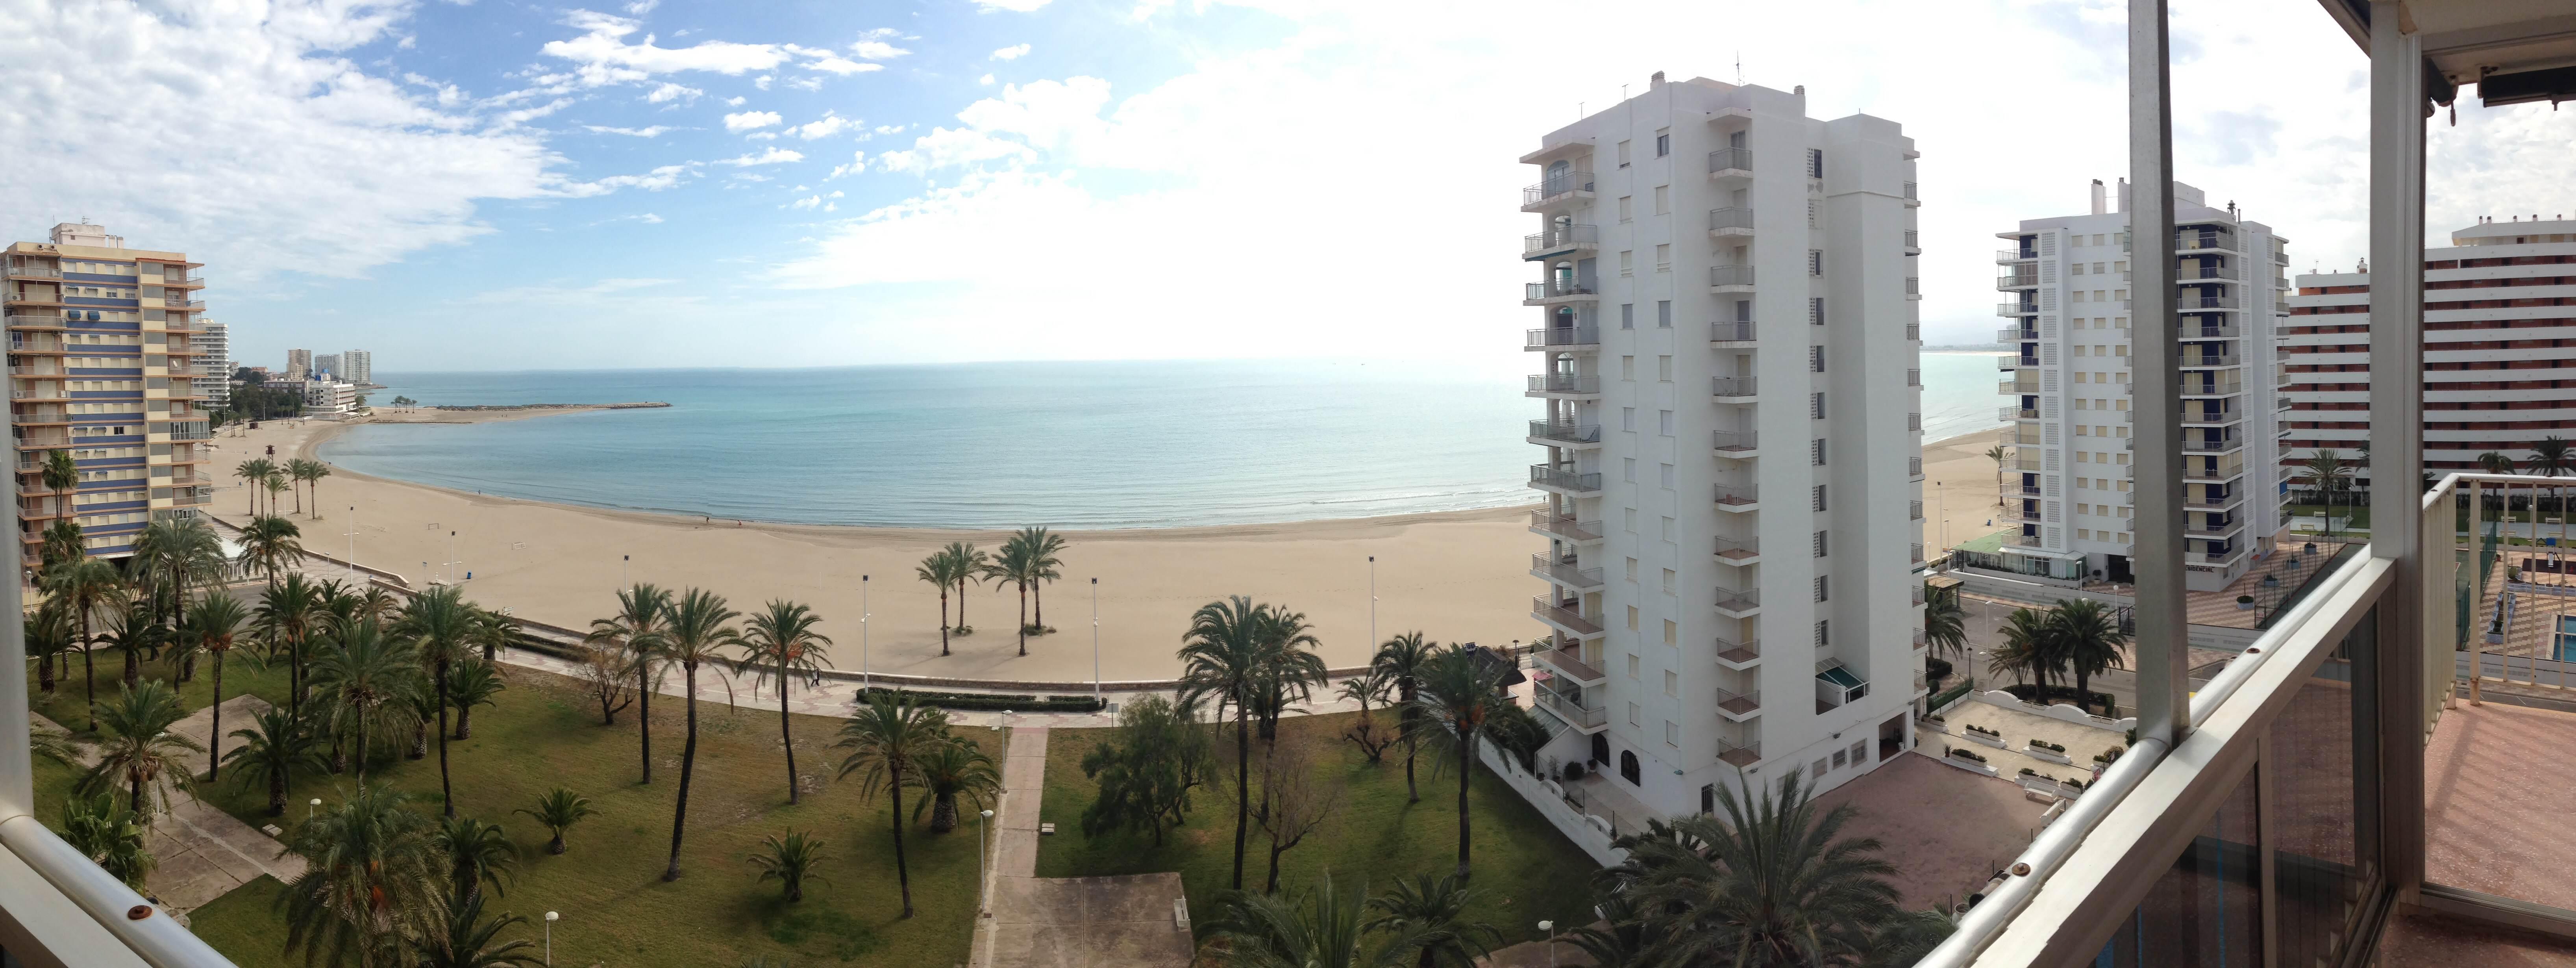 Inmobiliaria gestitur apartamento en primera l nea de playa rac inmobiliaria cullera - Venta apartamentos playa cullera ...